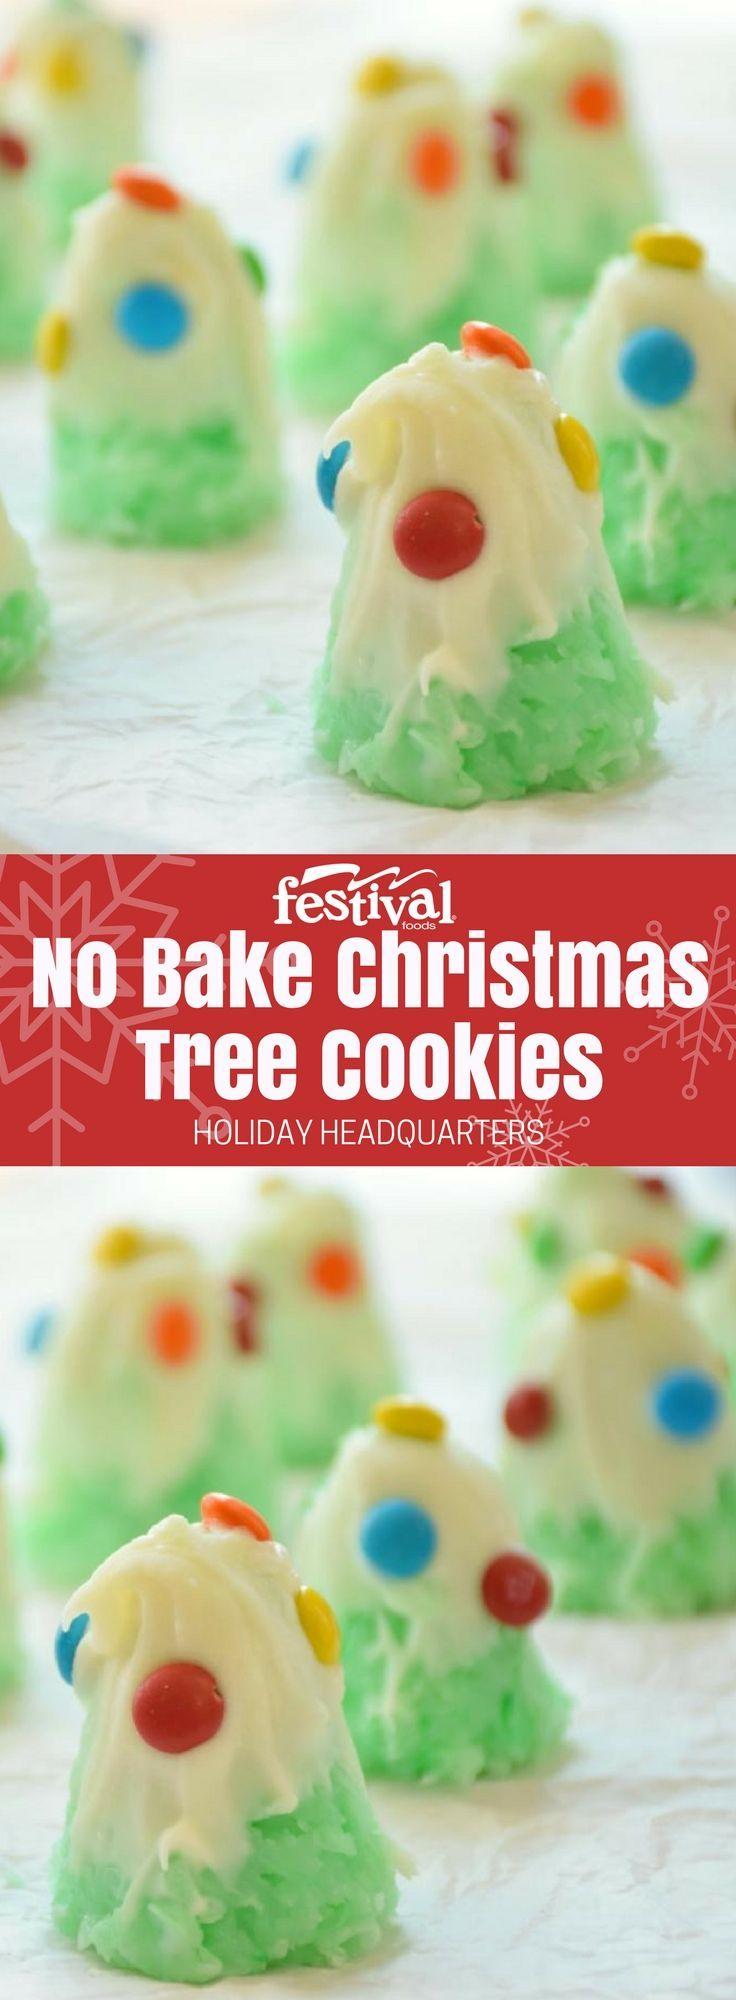 No Bake Christmas Tree Cookies | Christmas tree cookies, Christmas ...